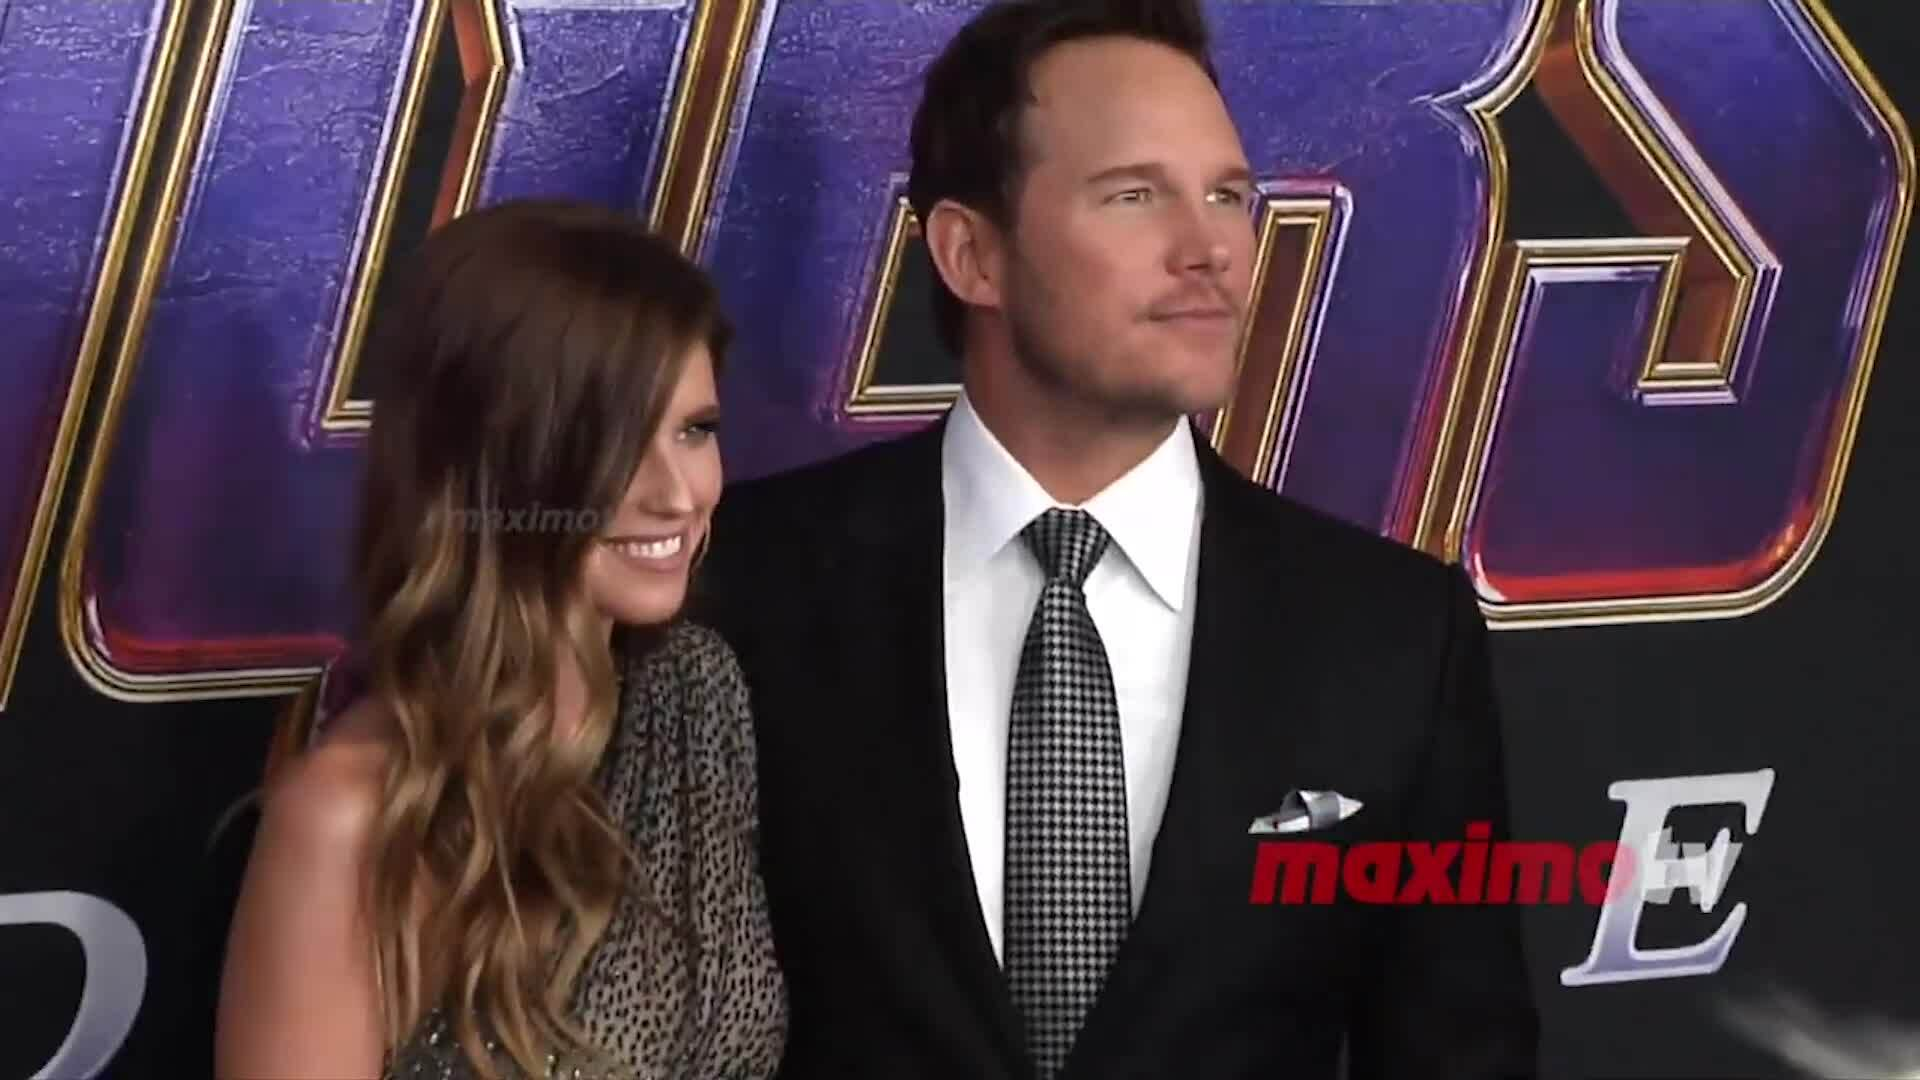 Chris Pratt và Katherine Schwarzenegger trên thảm đỏ Avengers Endgame